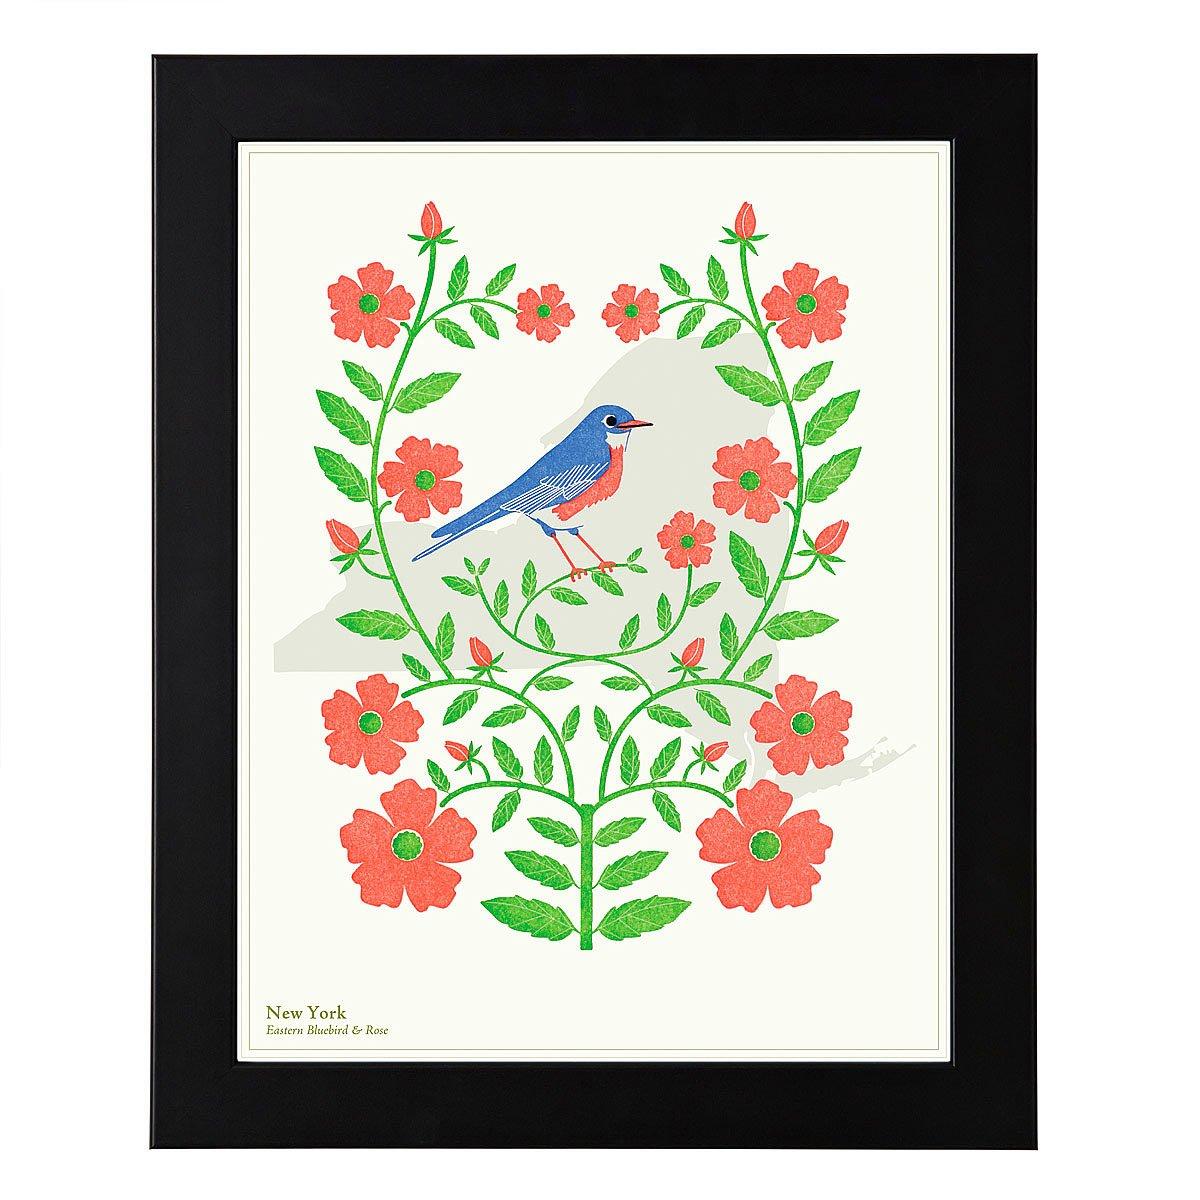 Co color art printing alaska - Birds And Blooms Art Individual States 3 Thumbnail